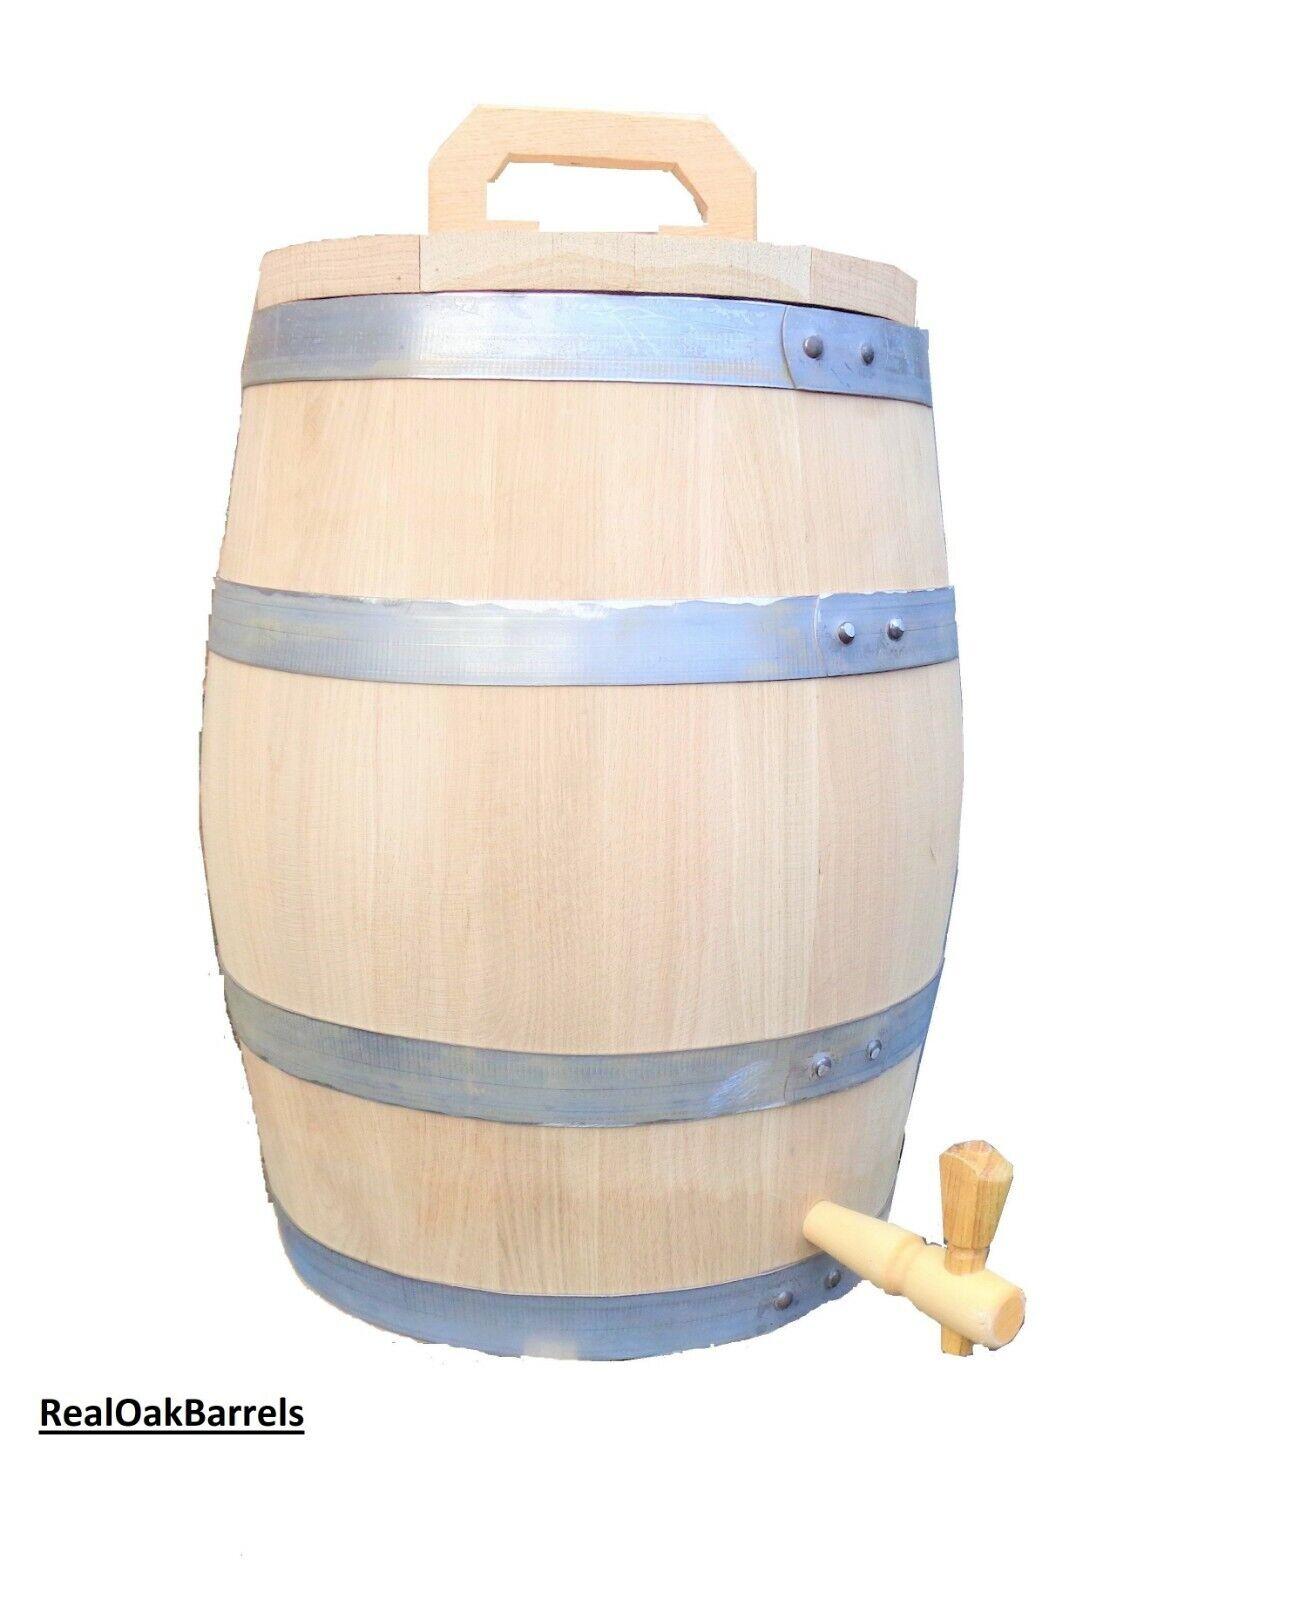 Grünical Barrels, Oak Barrels, Wooden Barrels,Kombucha Barrel